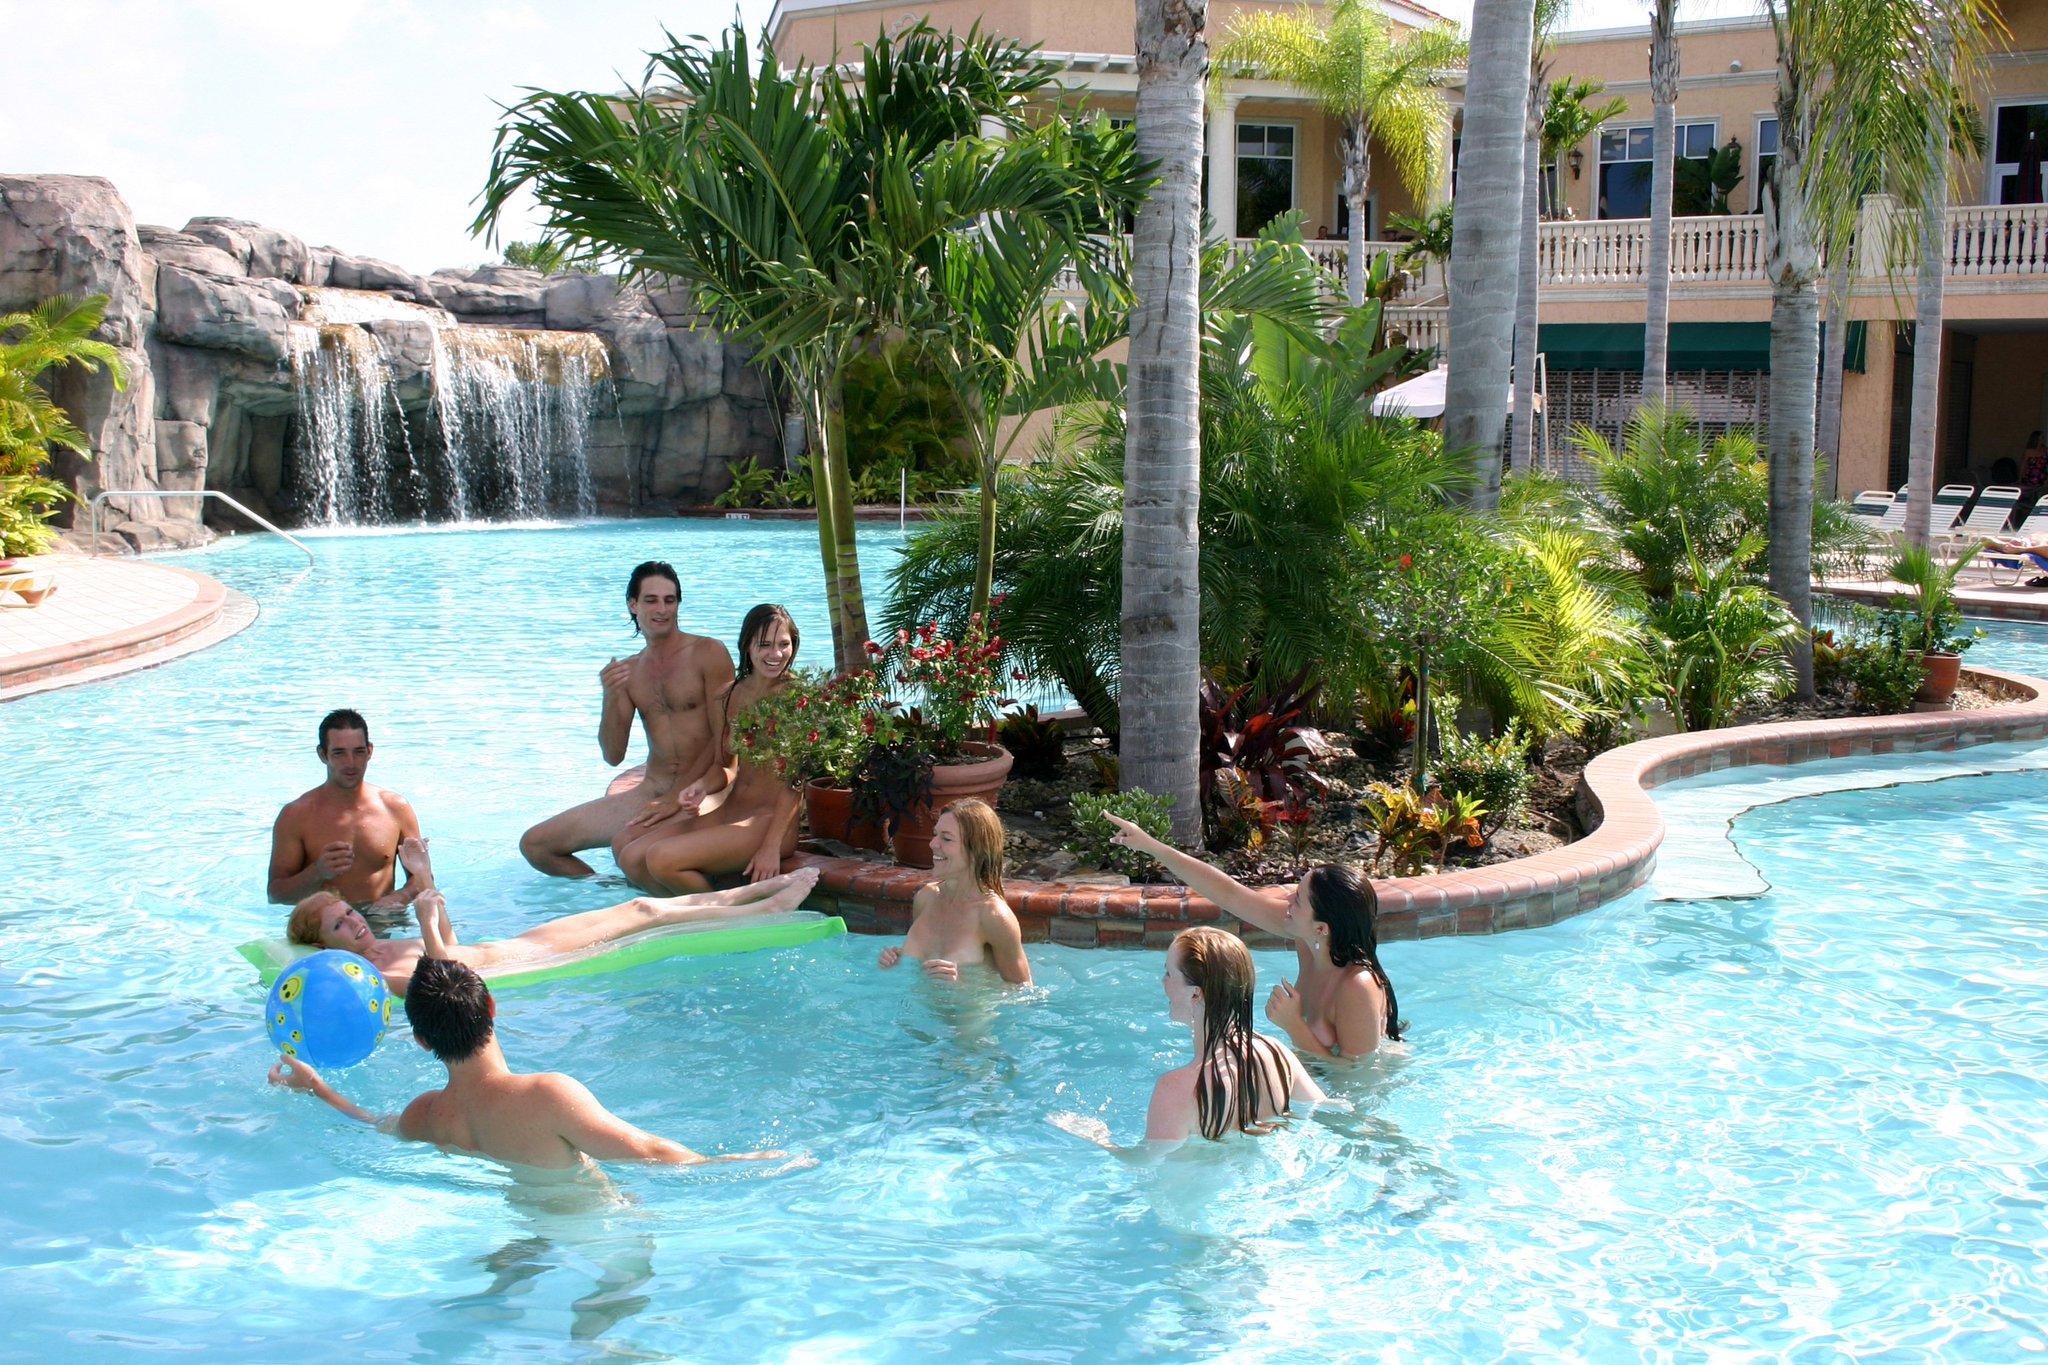 swinger hotels in ca